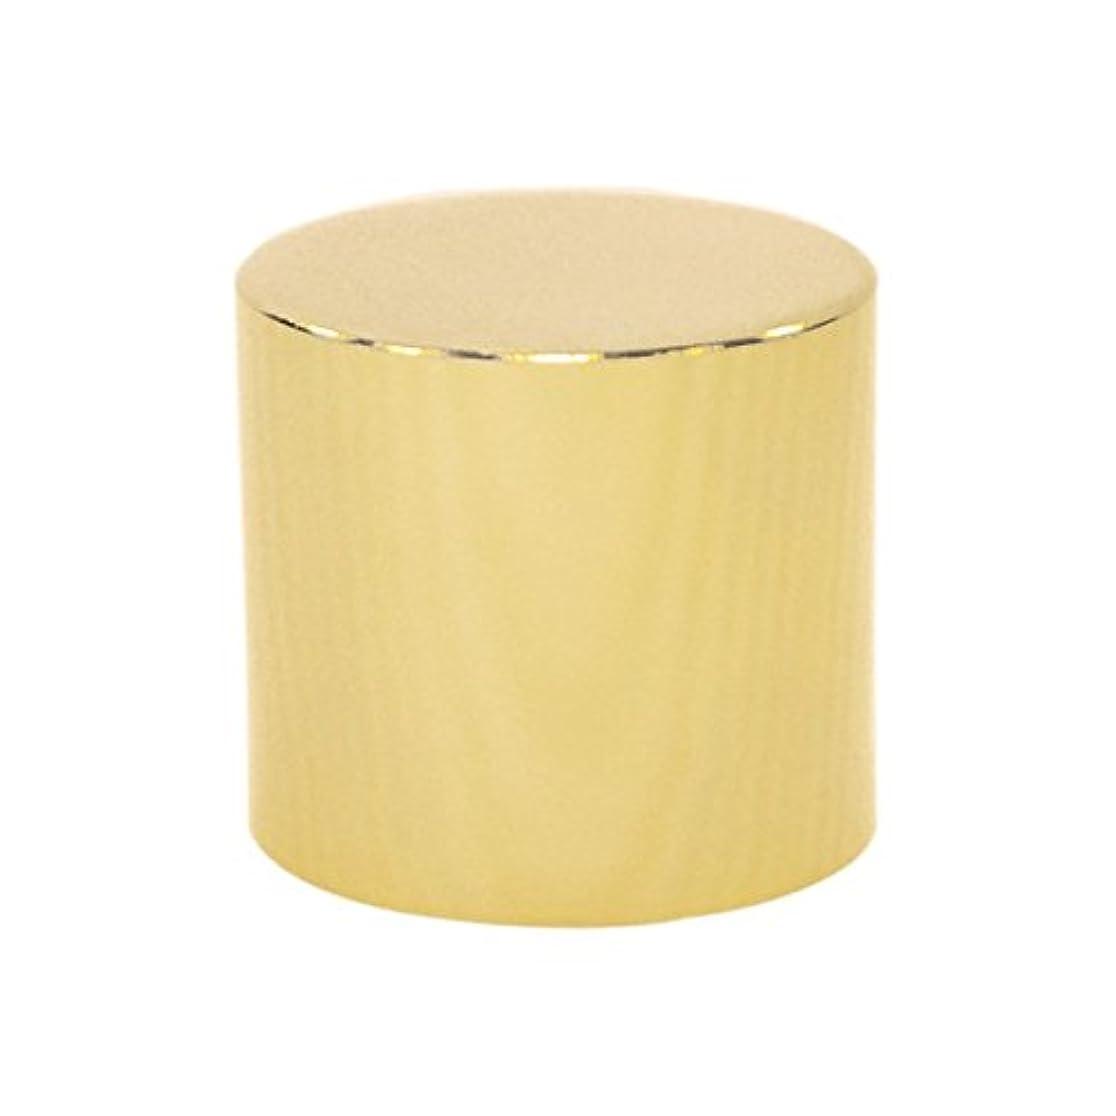 購入スツール拡散するランプベルジェ(LAMPE BERGER)消火キャップ【正規輸入品】密閉蓋ゴールド